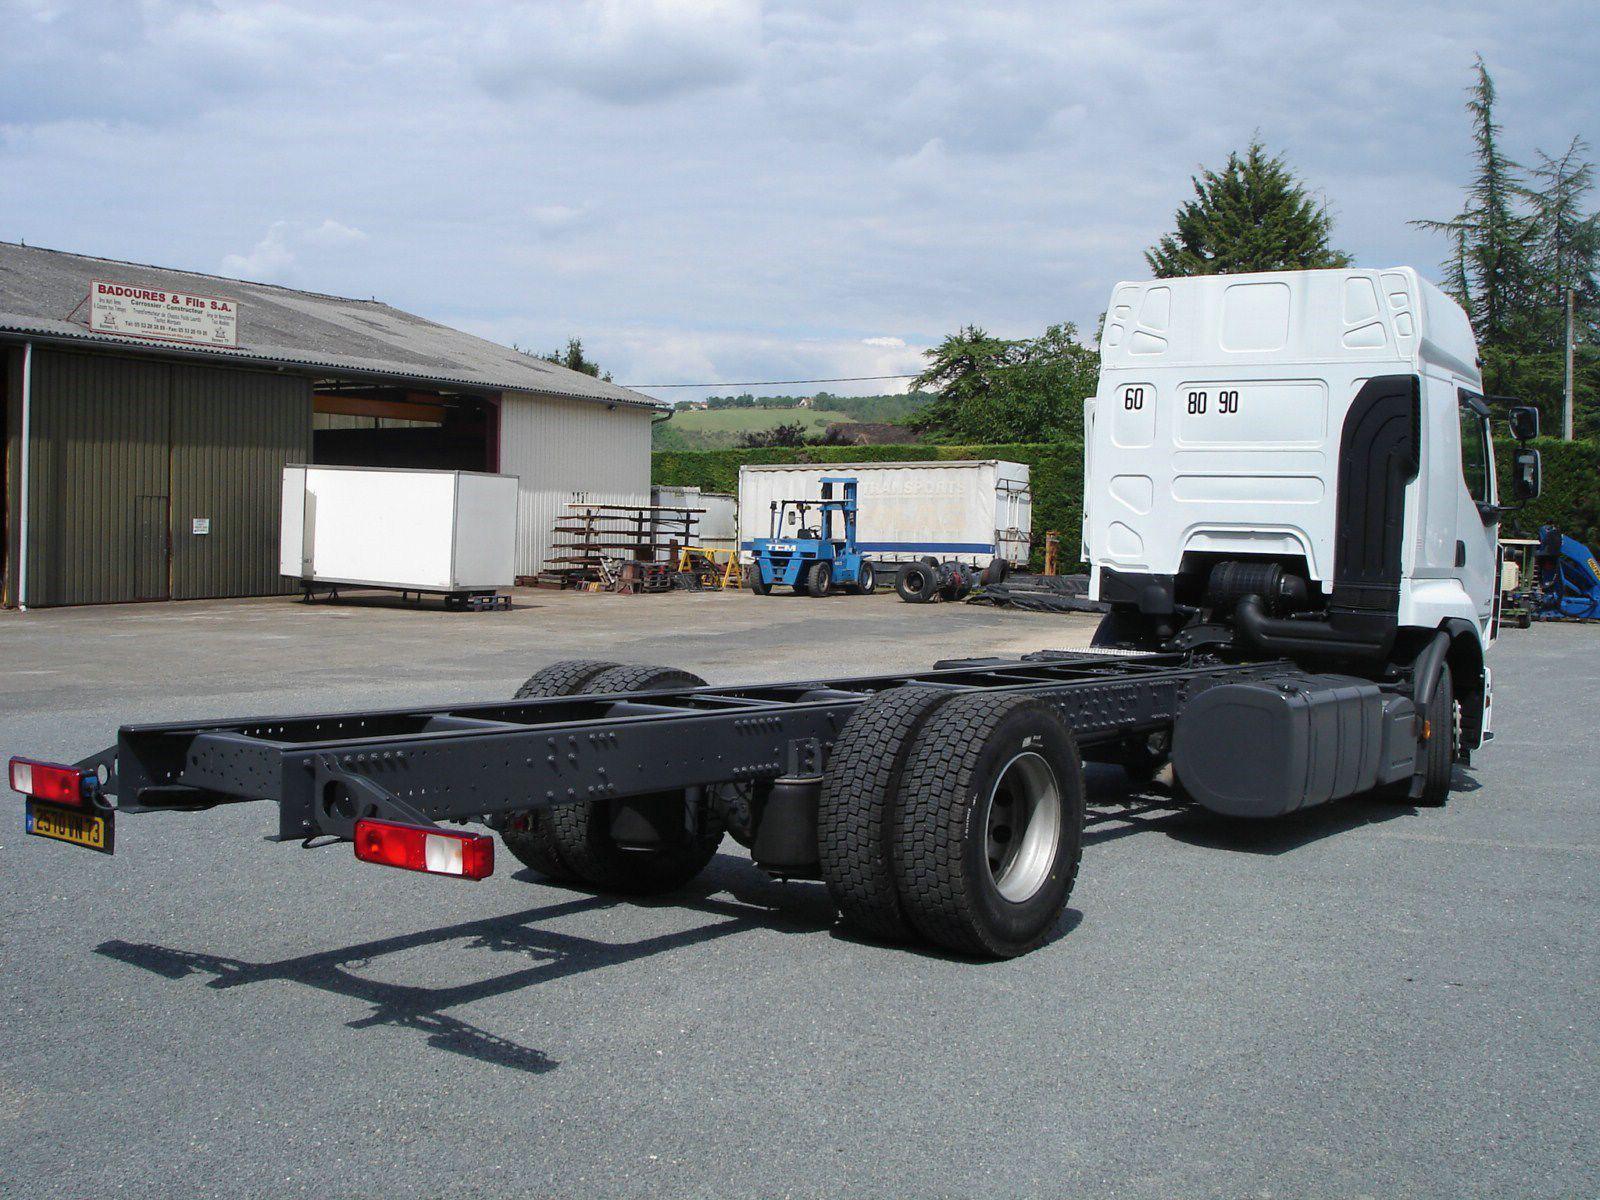 vehicule-poids-lourds-empattement-long